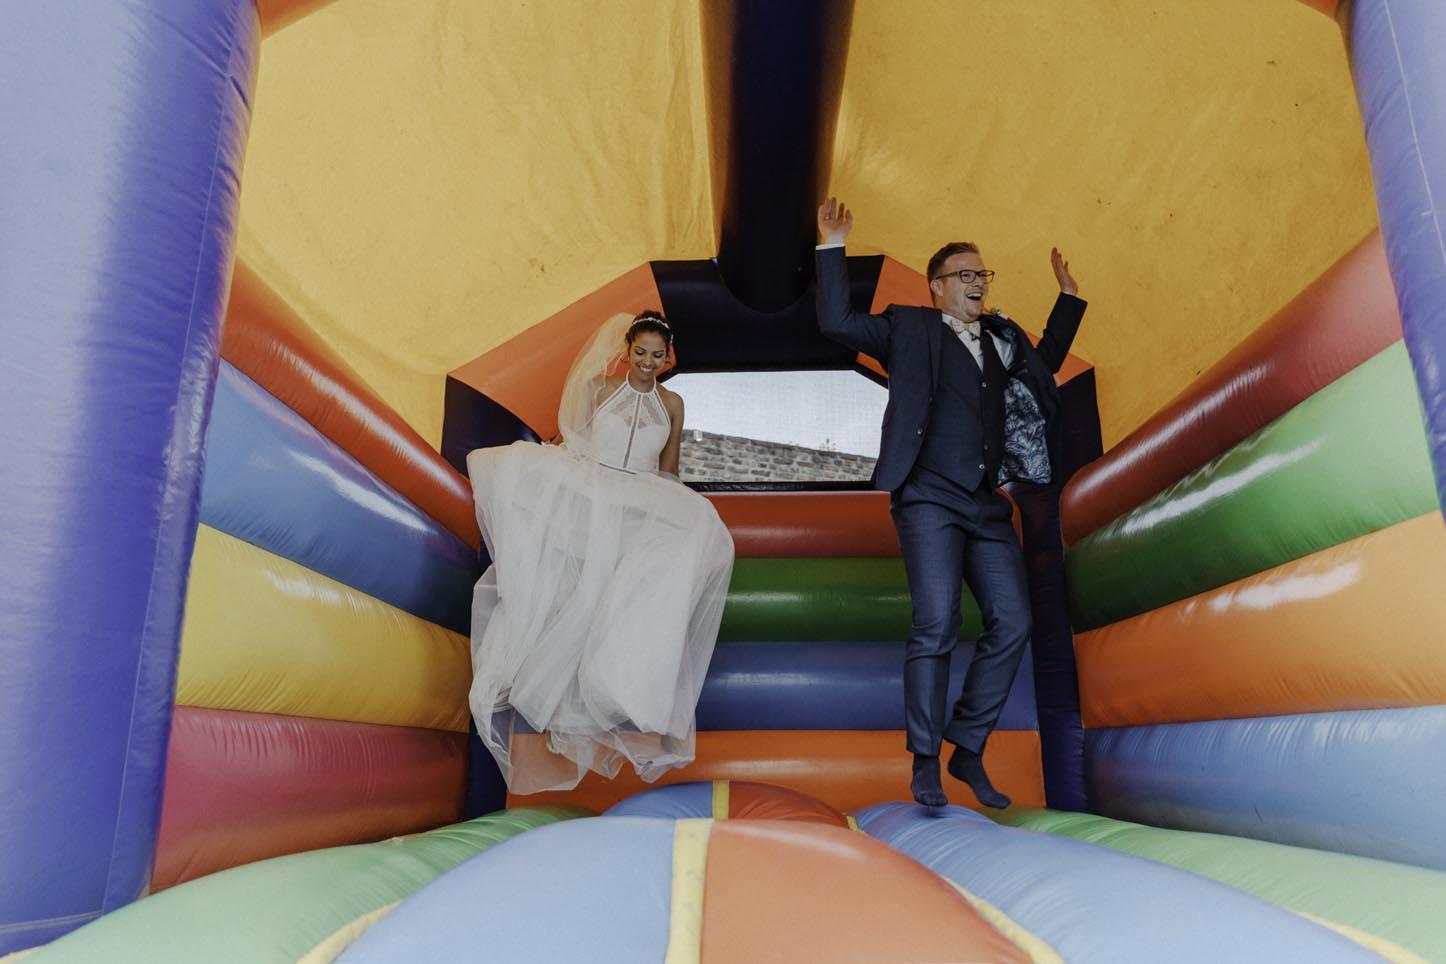 Brautpaarfotos in Hüpfburg